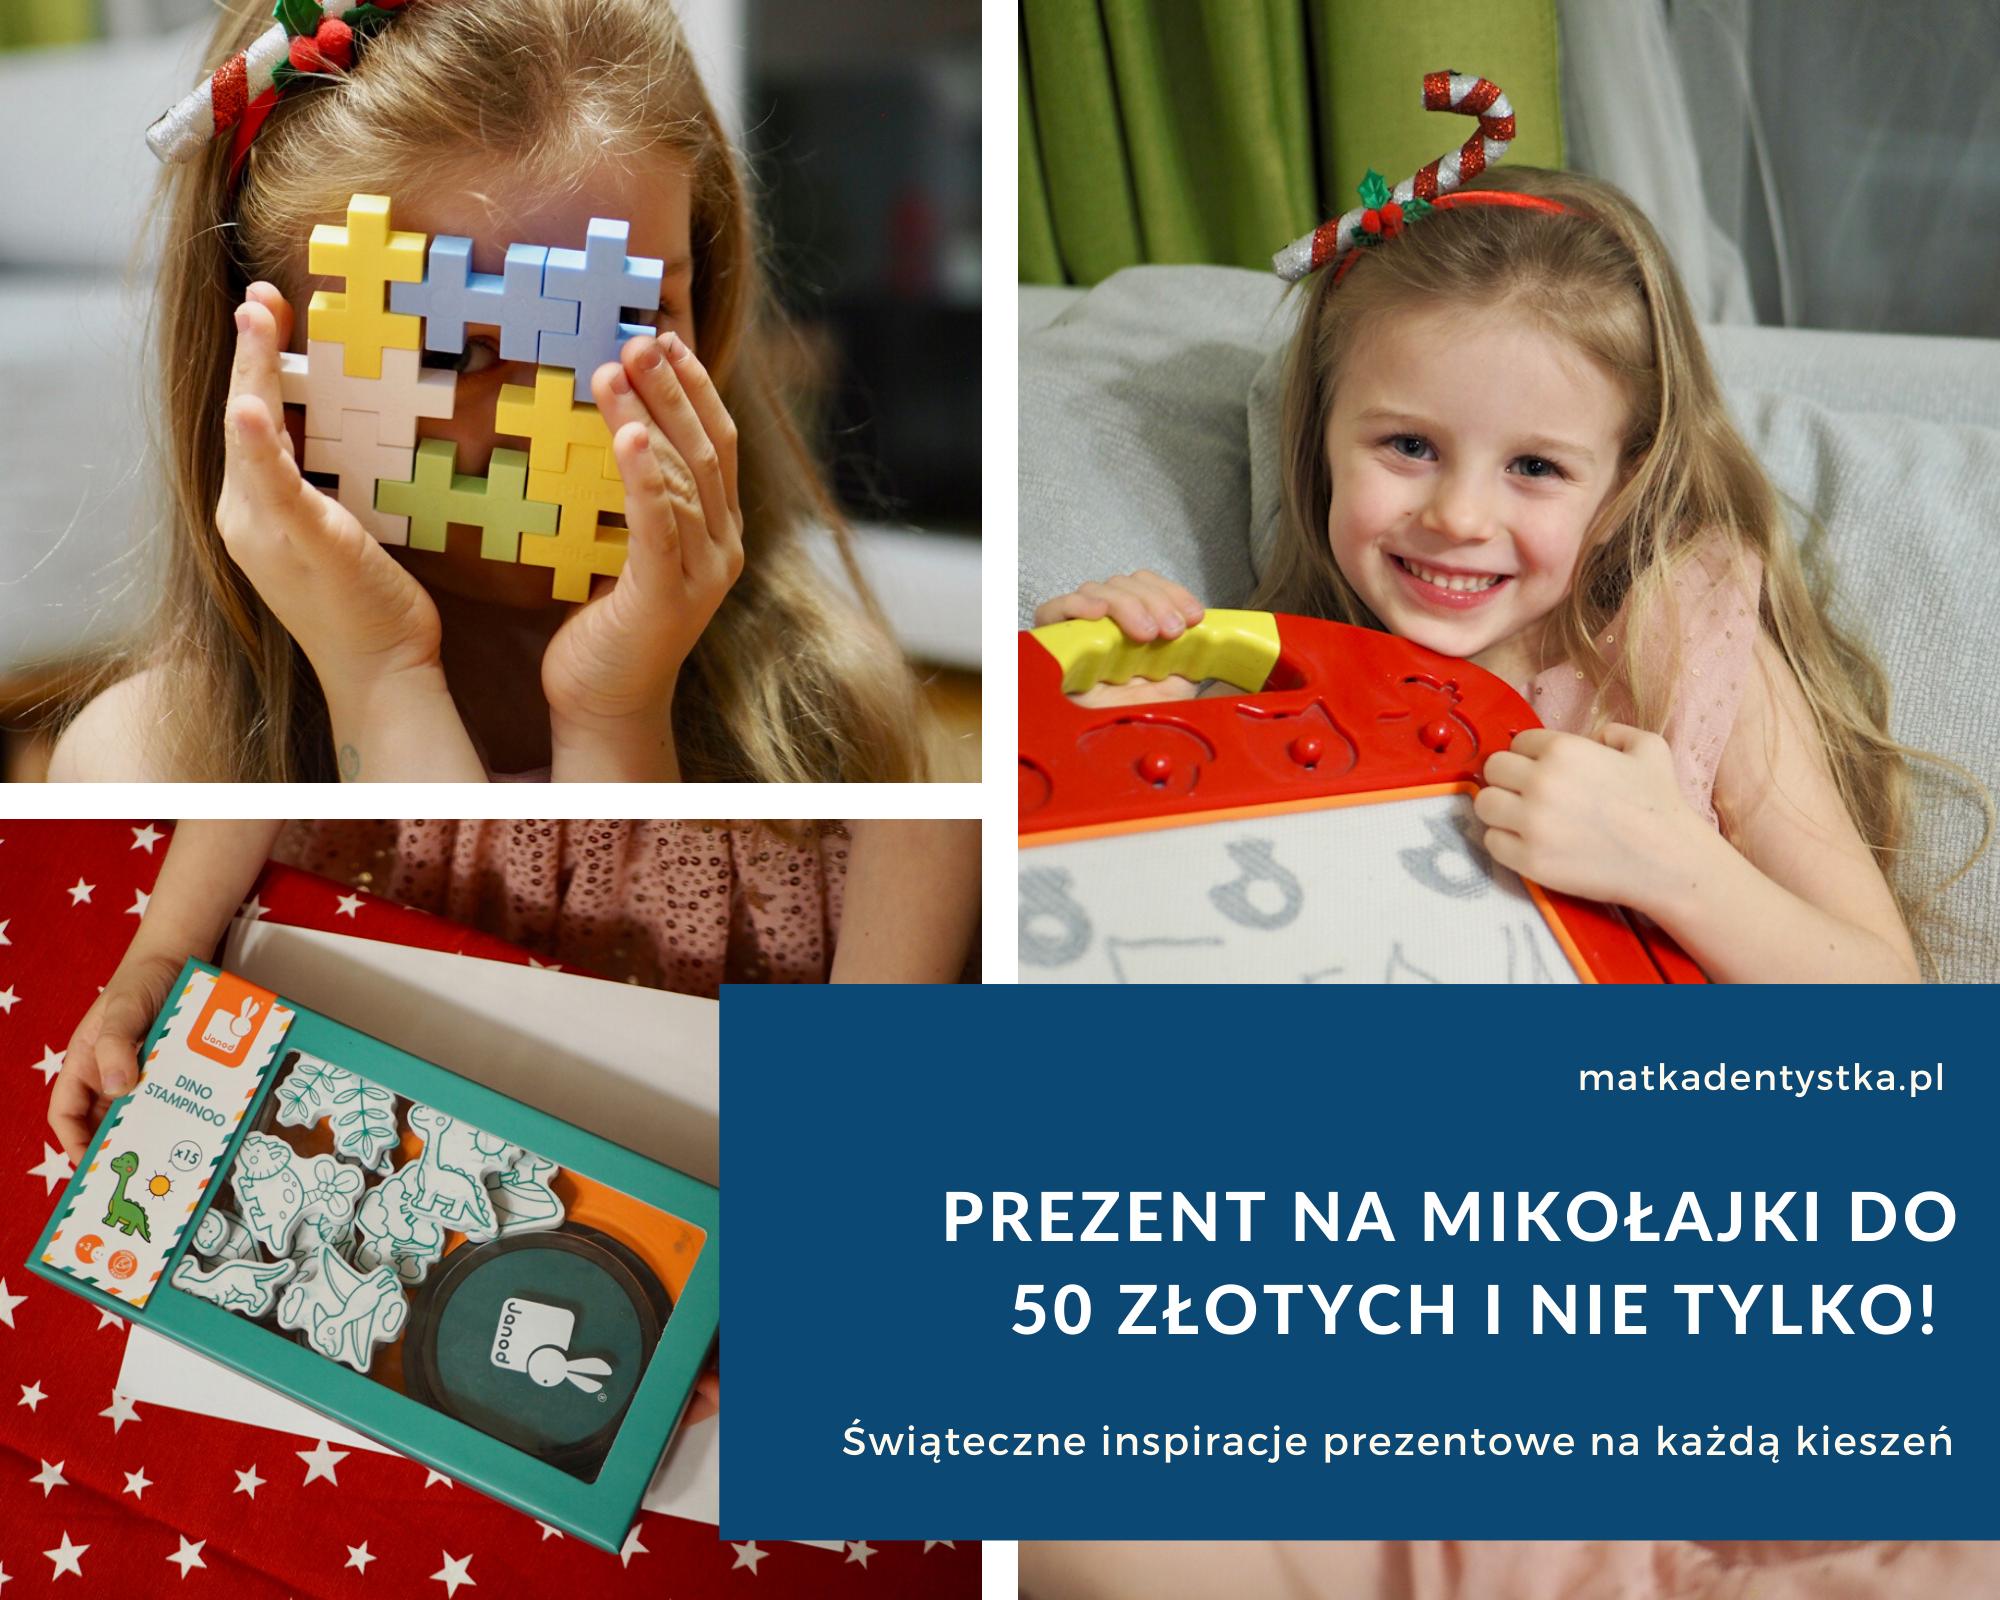 Prezent na Mikołajki do 50 złotych świąteczne inspiracje prezentowe